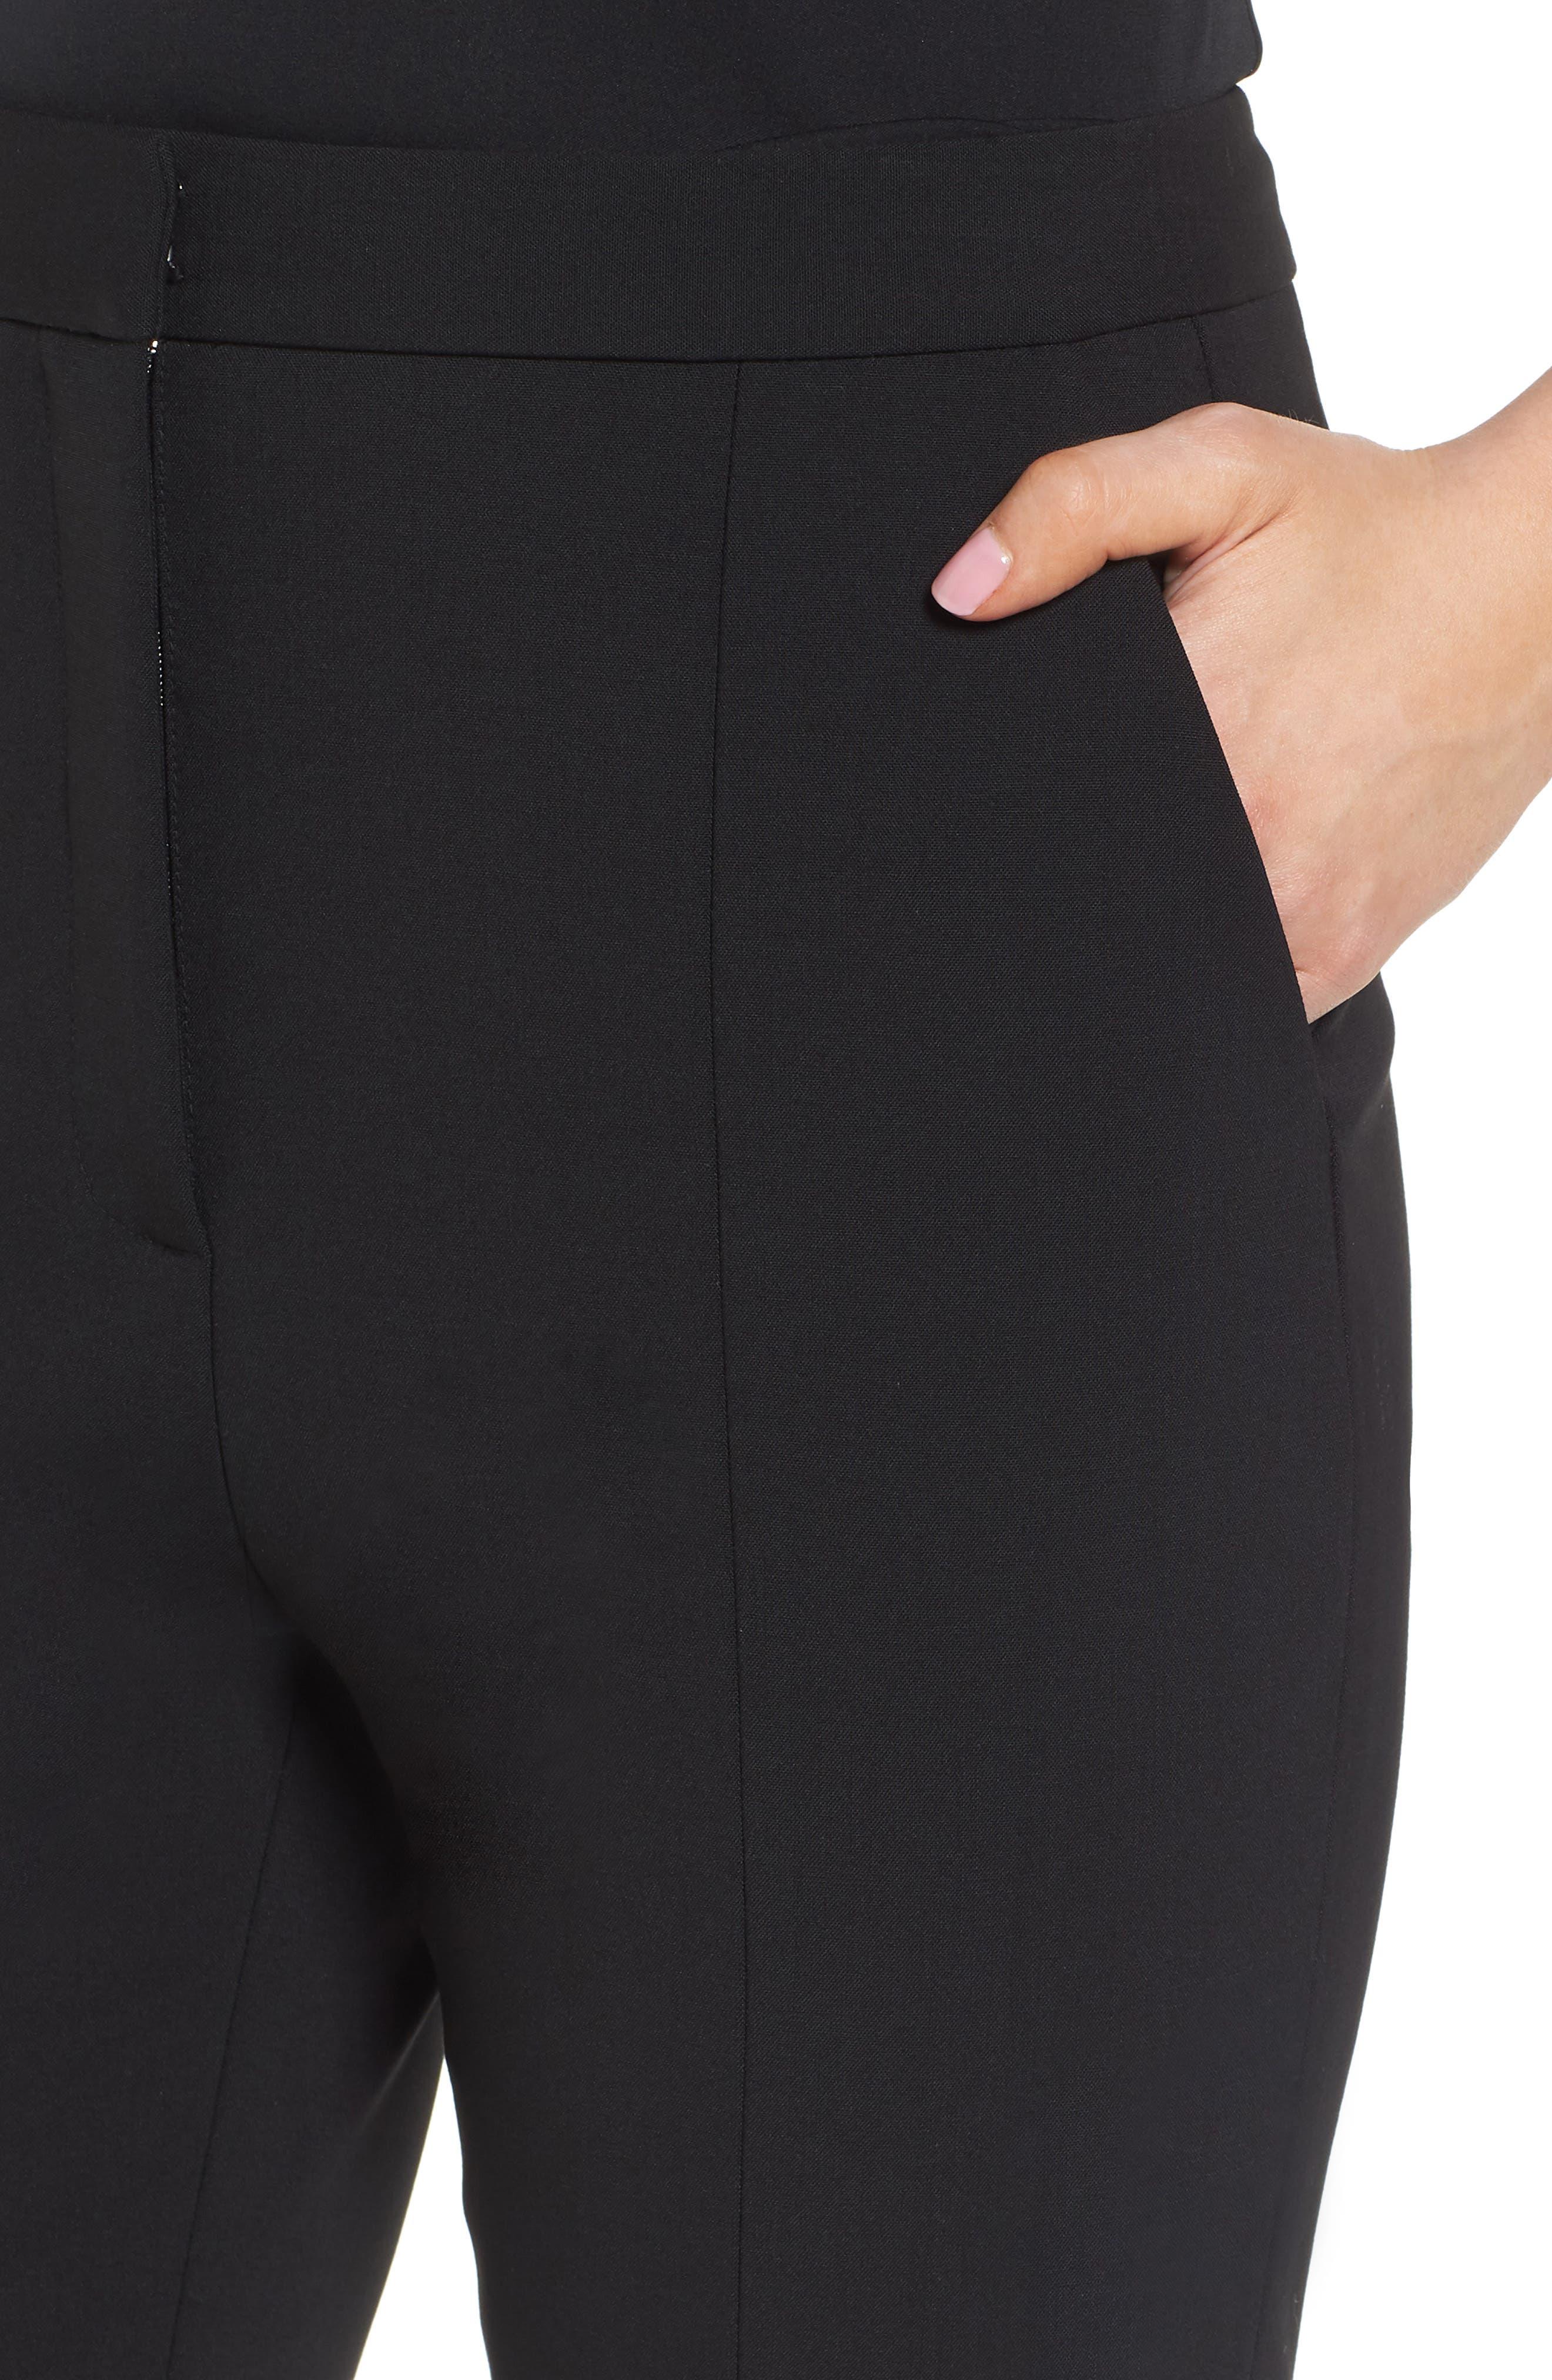 LEWIT,                             Slit Detail Cigarette Pants,                             Alternate thumbnail 4, color,                             001